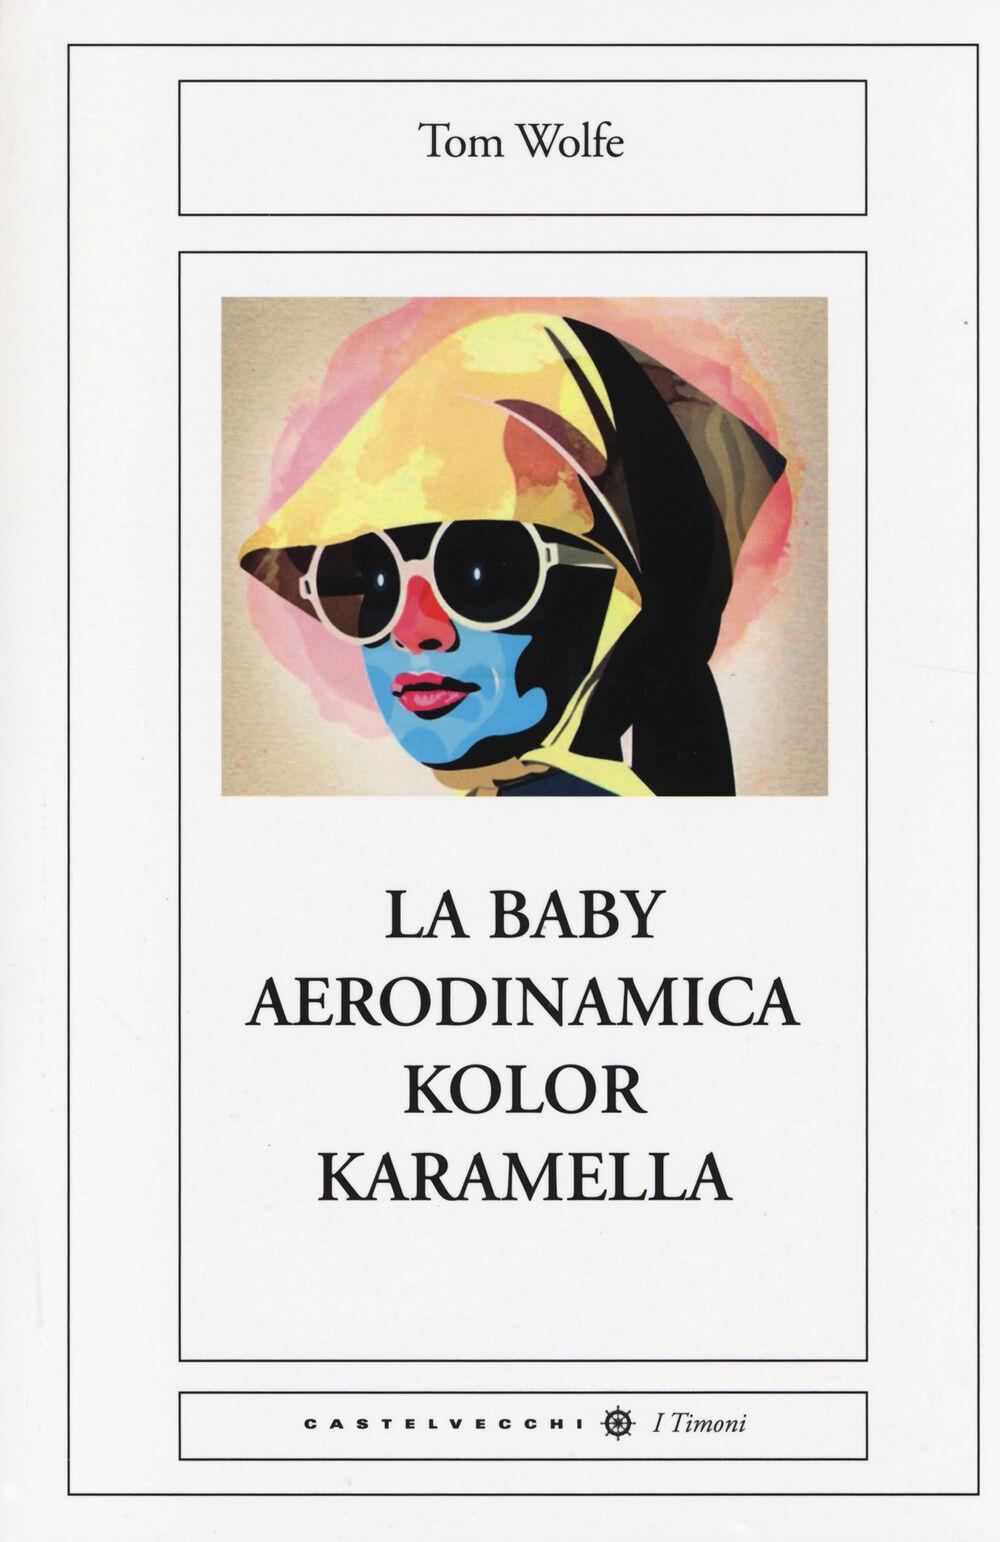 La baby aerodinamica kolor karamella